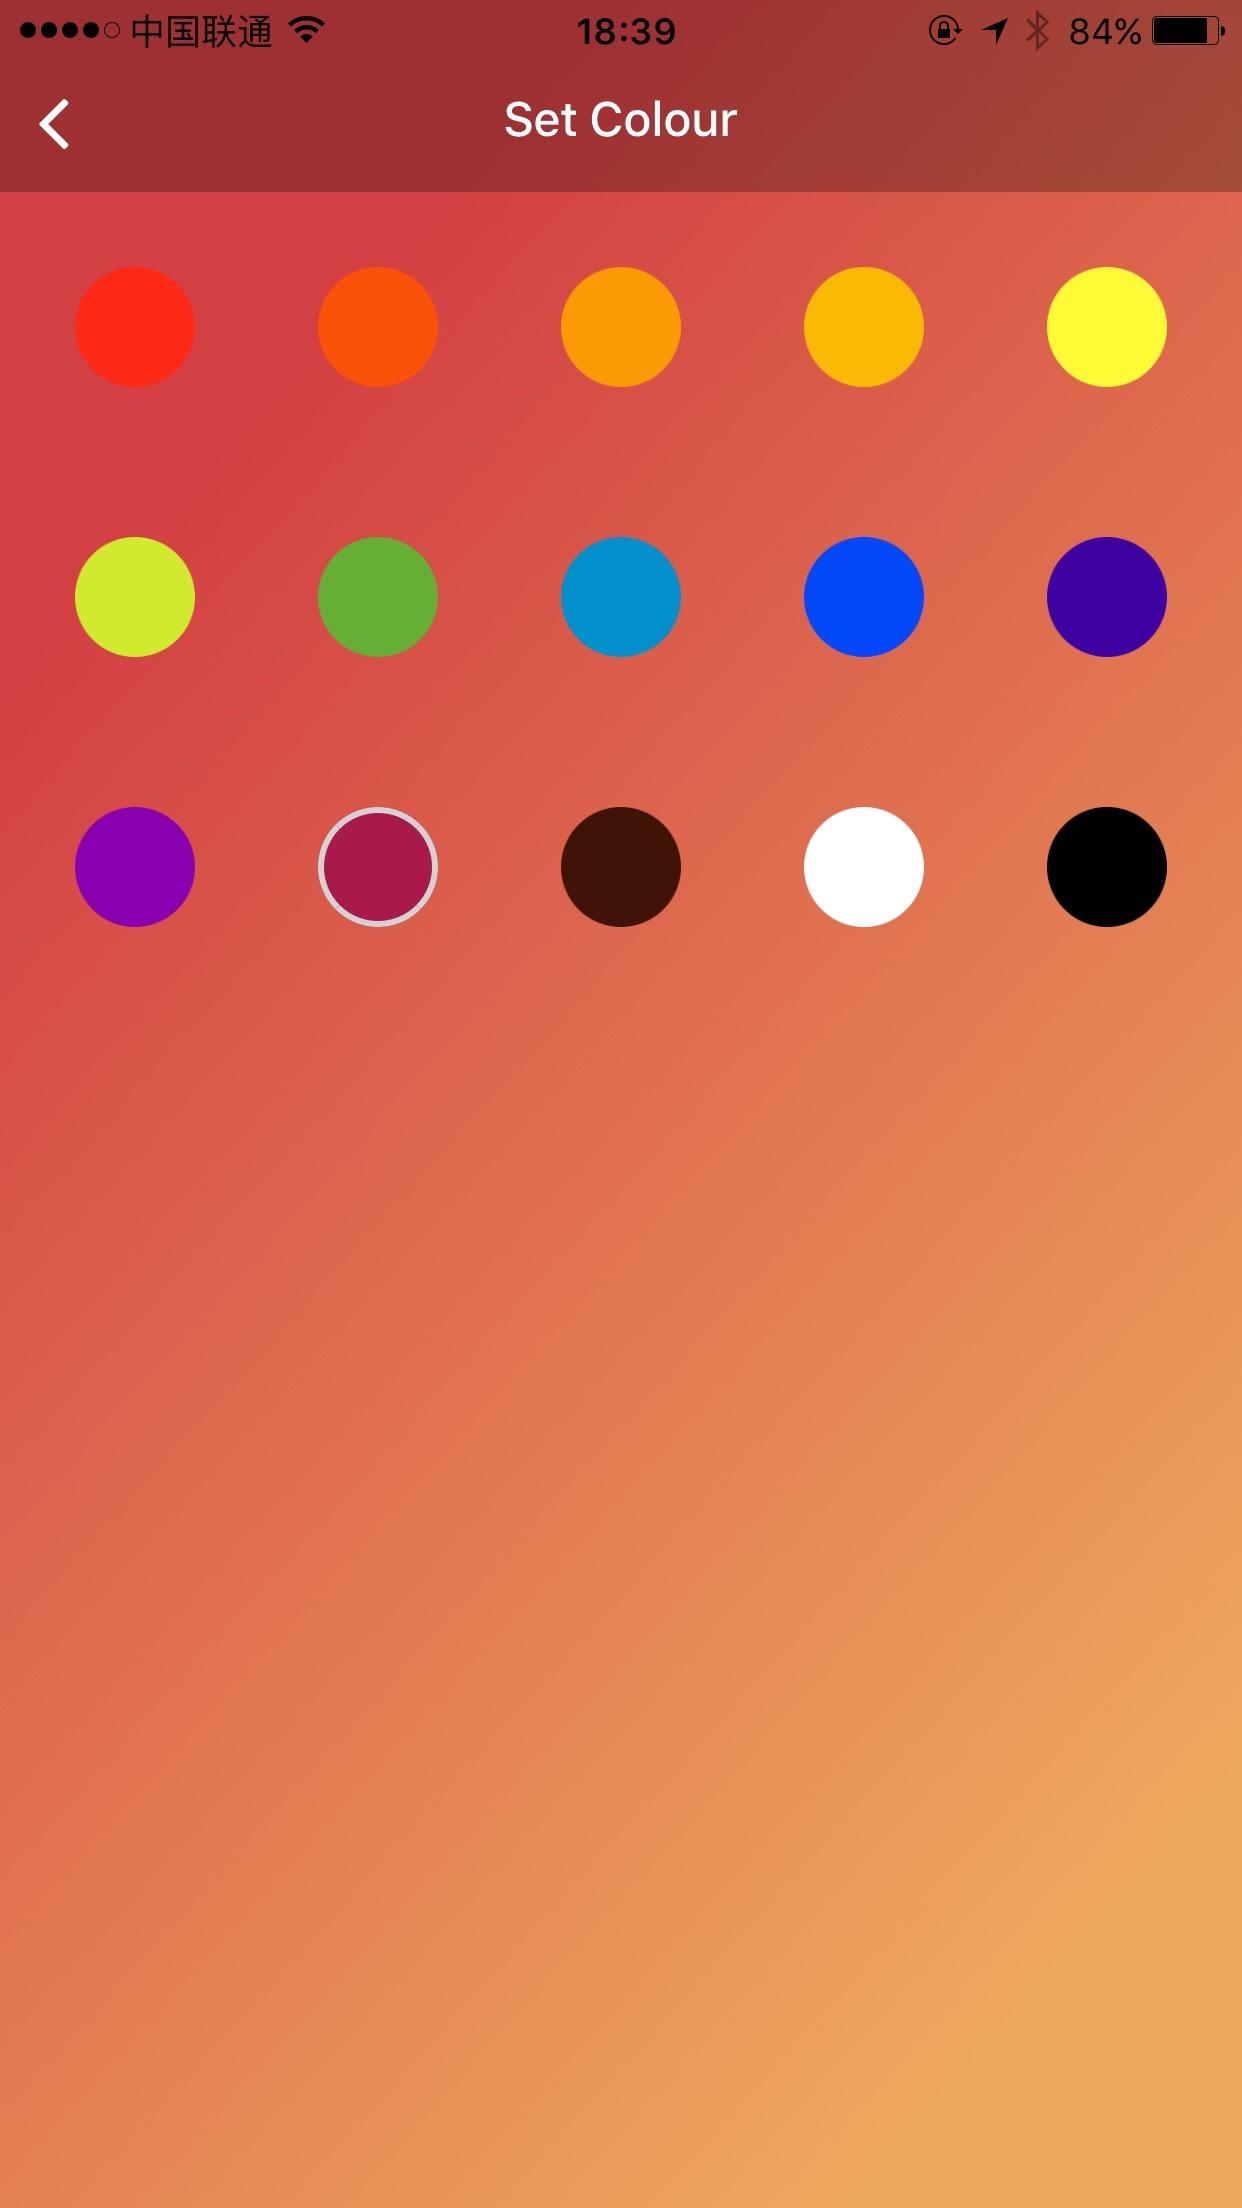 Font Colour Selection